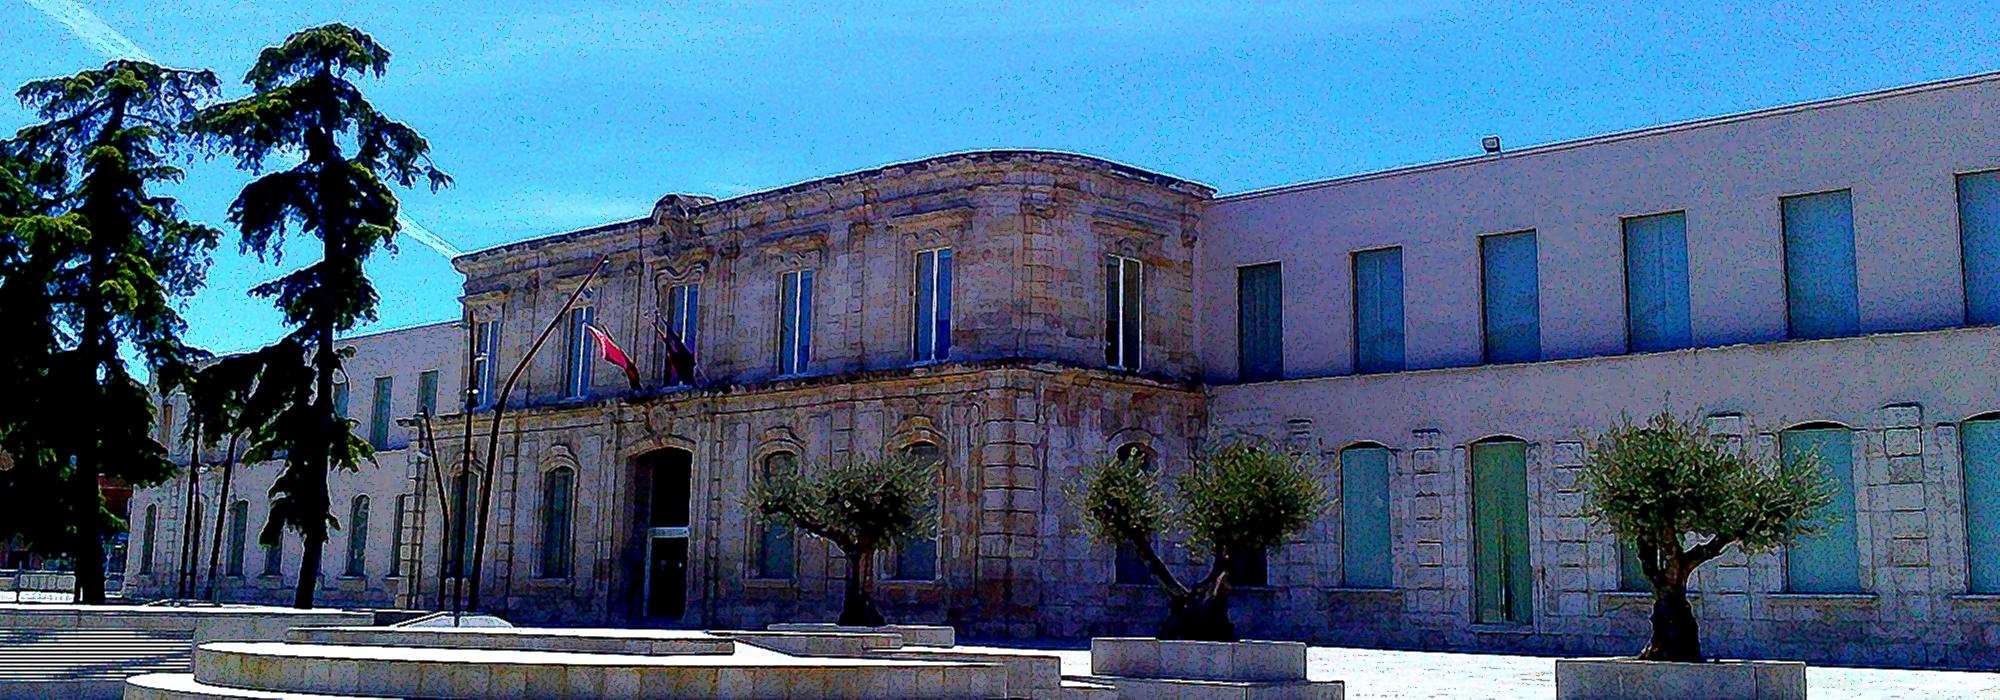 Archivo ayuntamiento de san fernando de henares fachada de la antigua real f brica de pa - Piscina san fernando de henares ...